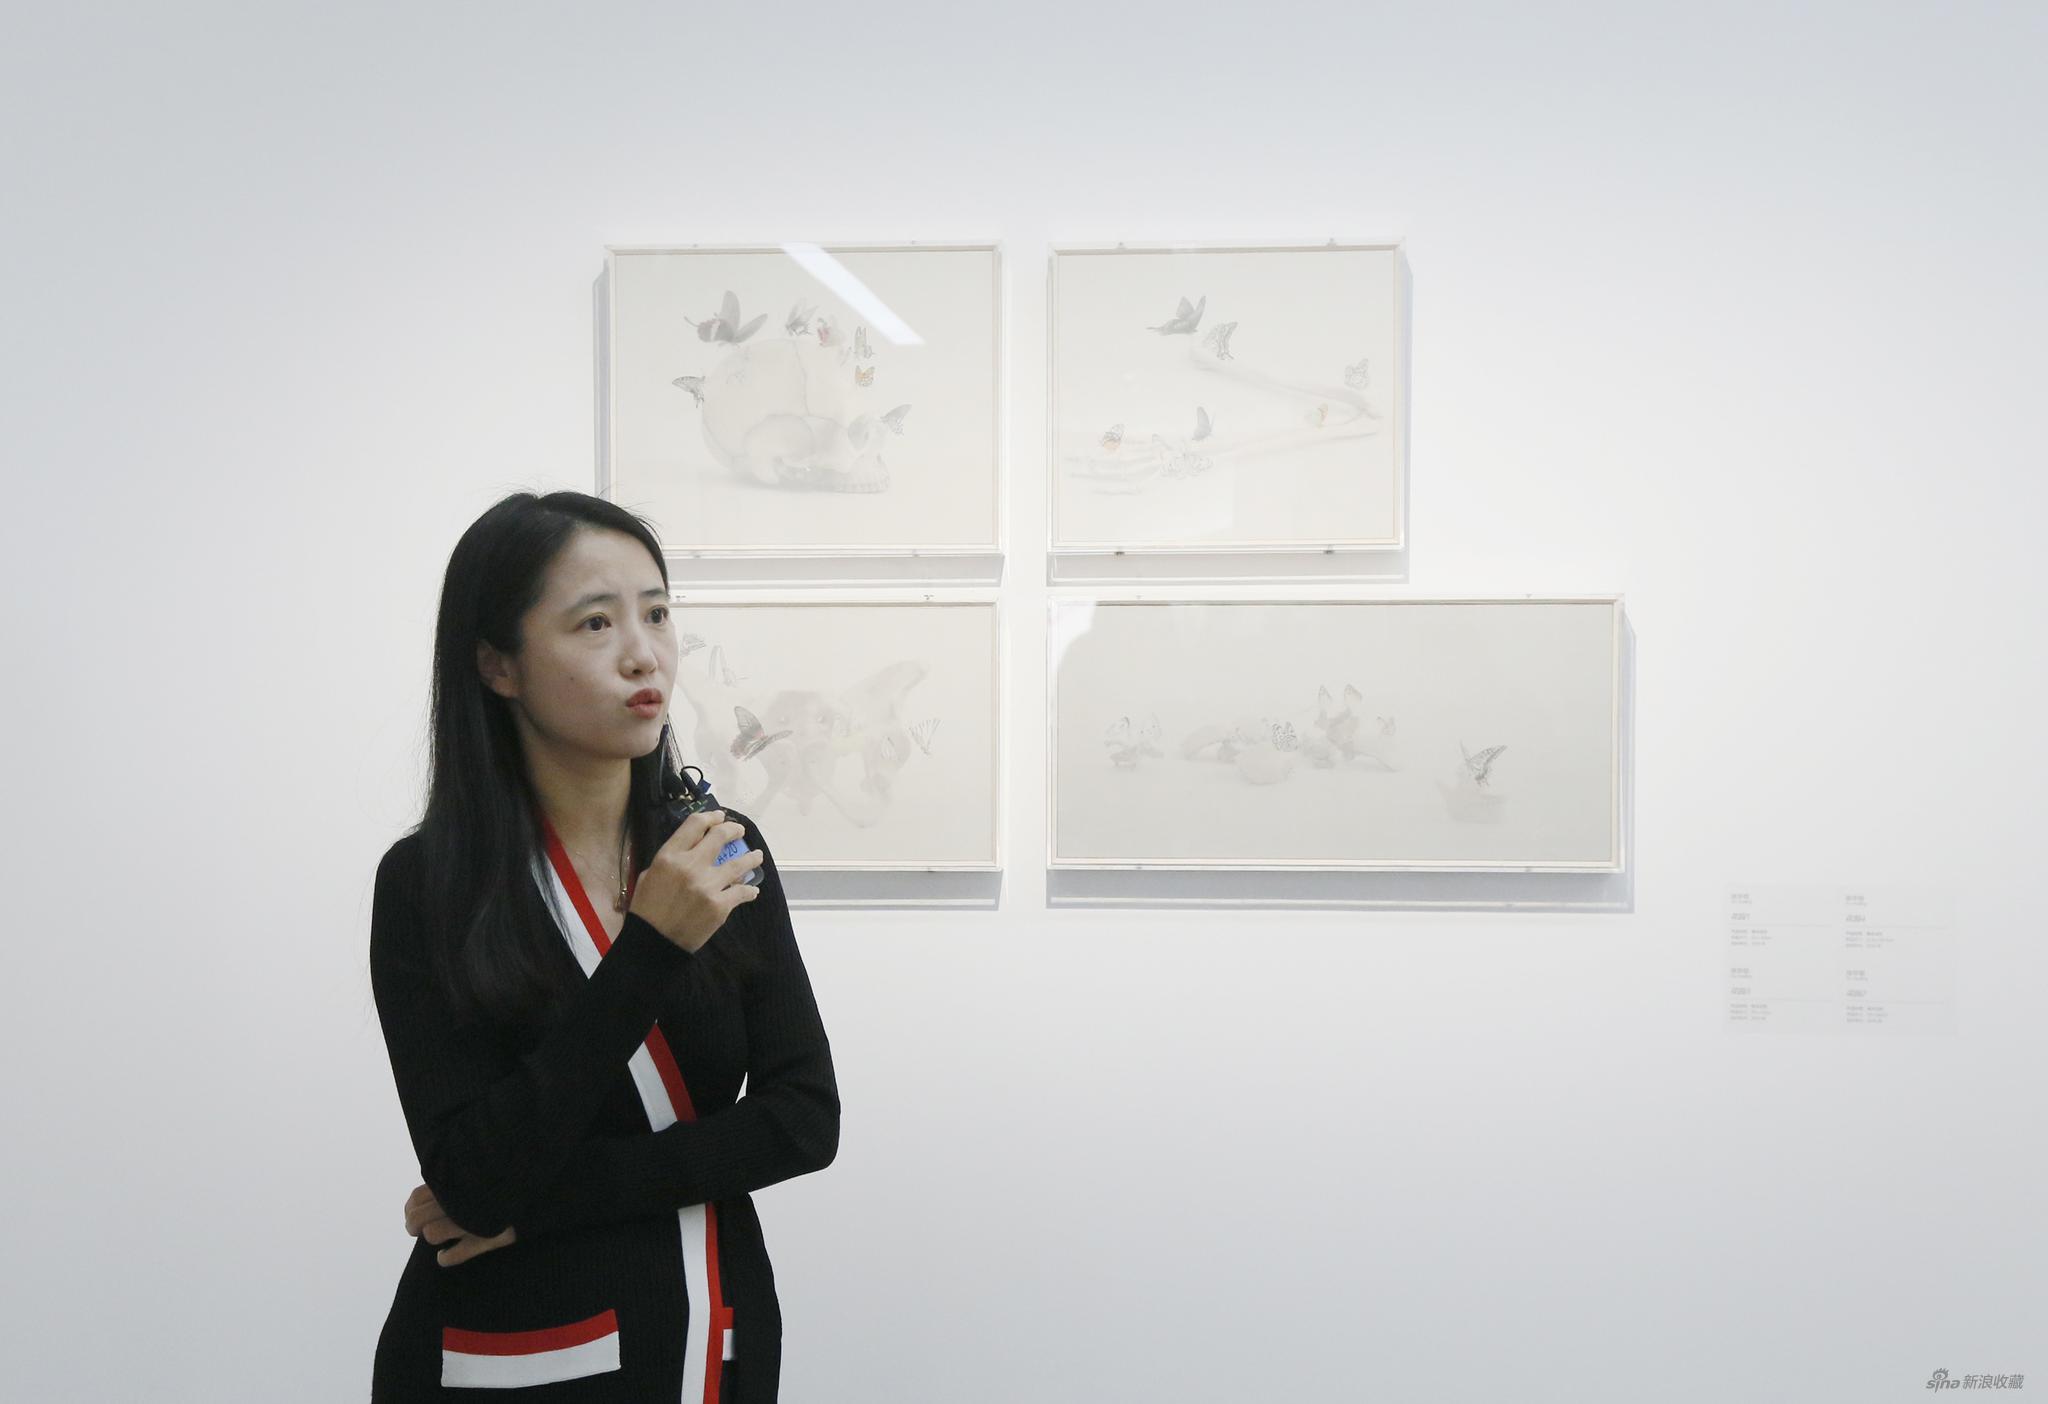 参展艺术家徐华翎